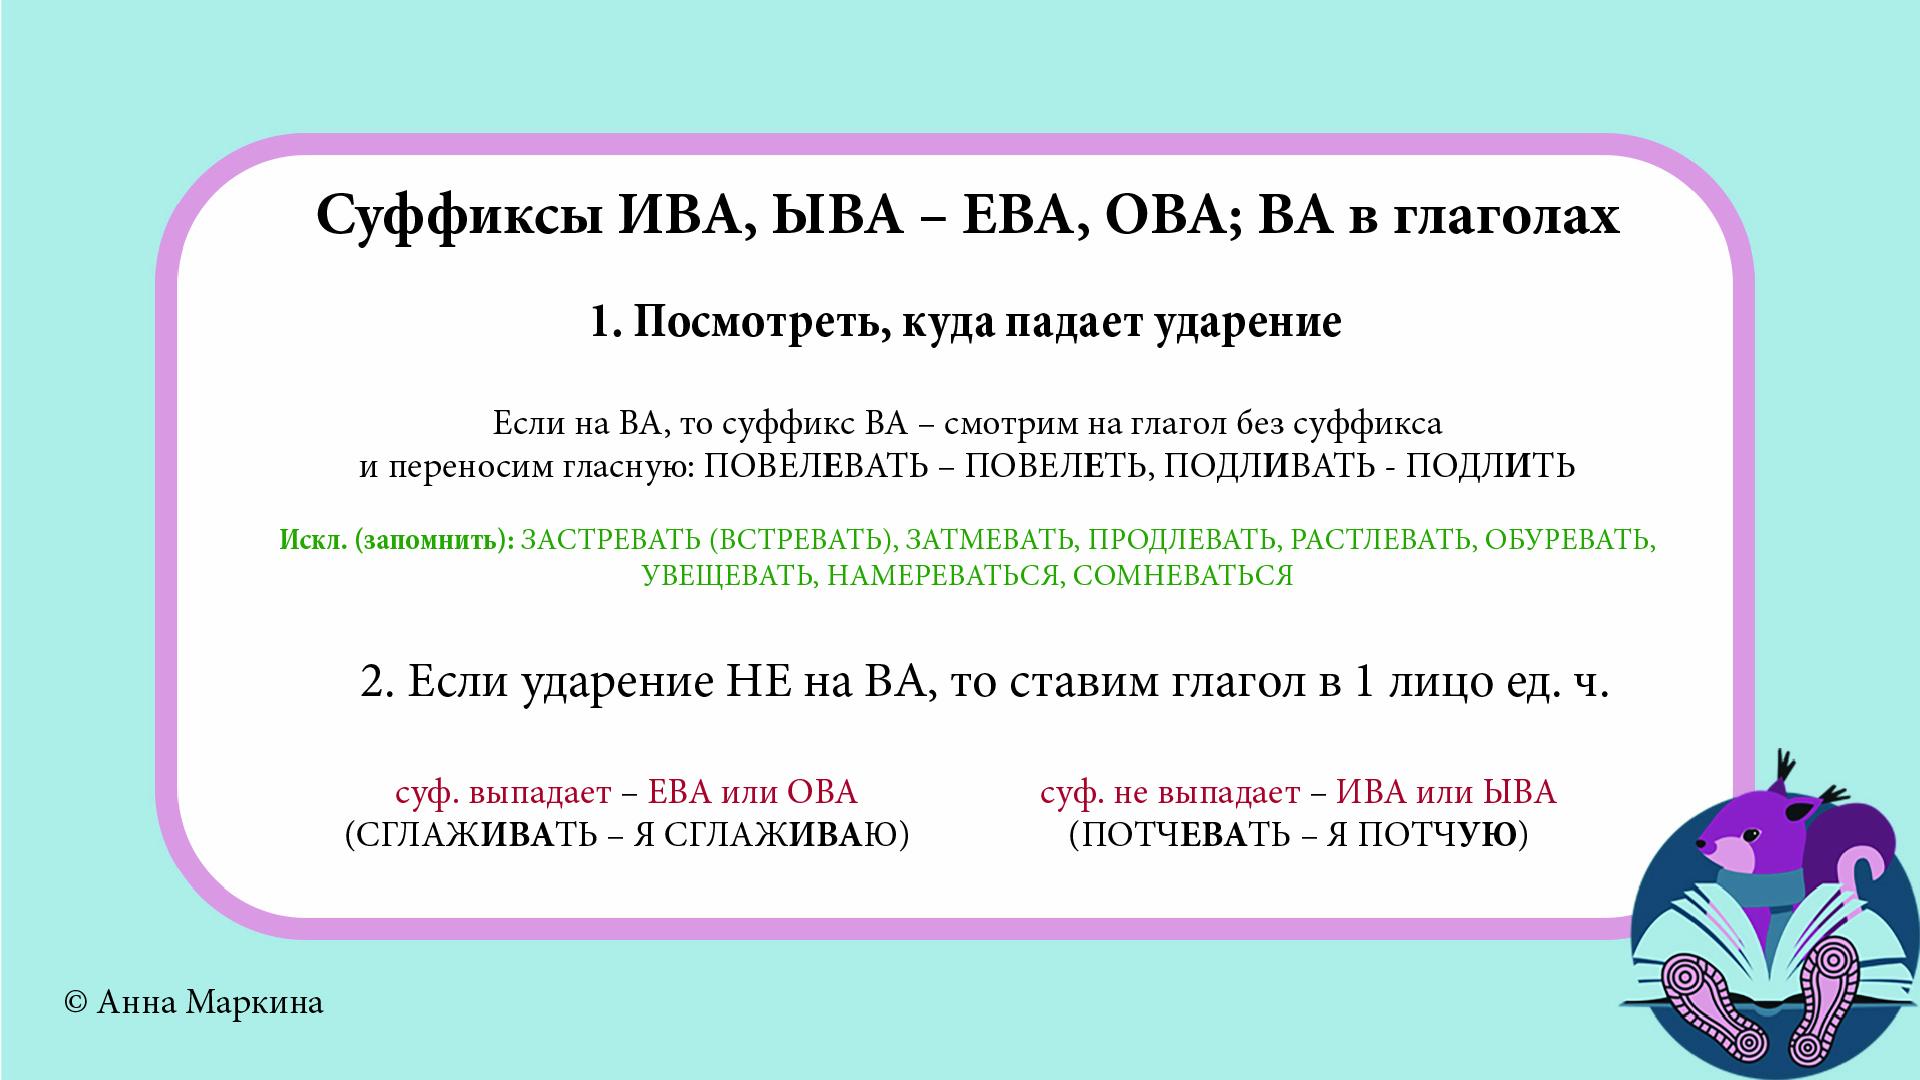 Правописание суффиксов ИВА, ЫВА – ЕВА, ОВА; ВА. ЕГЭ русский язык задание 11